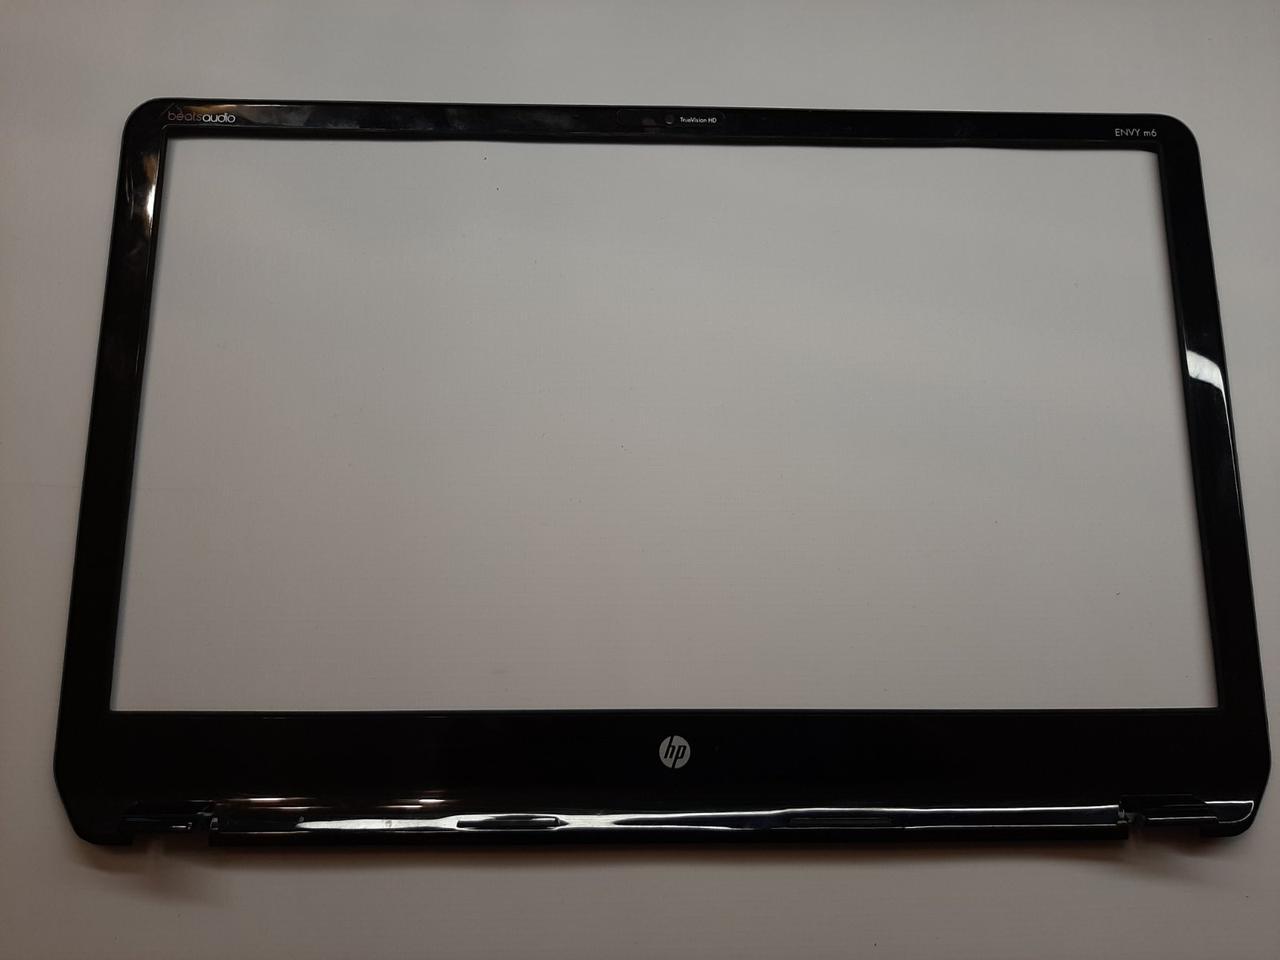 Б/У корпус рамка матрицы для HP Envy M6-1000 Black